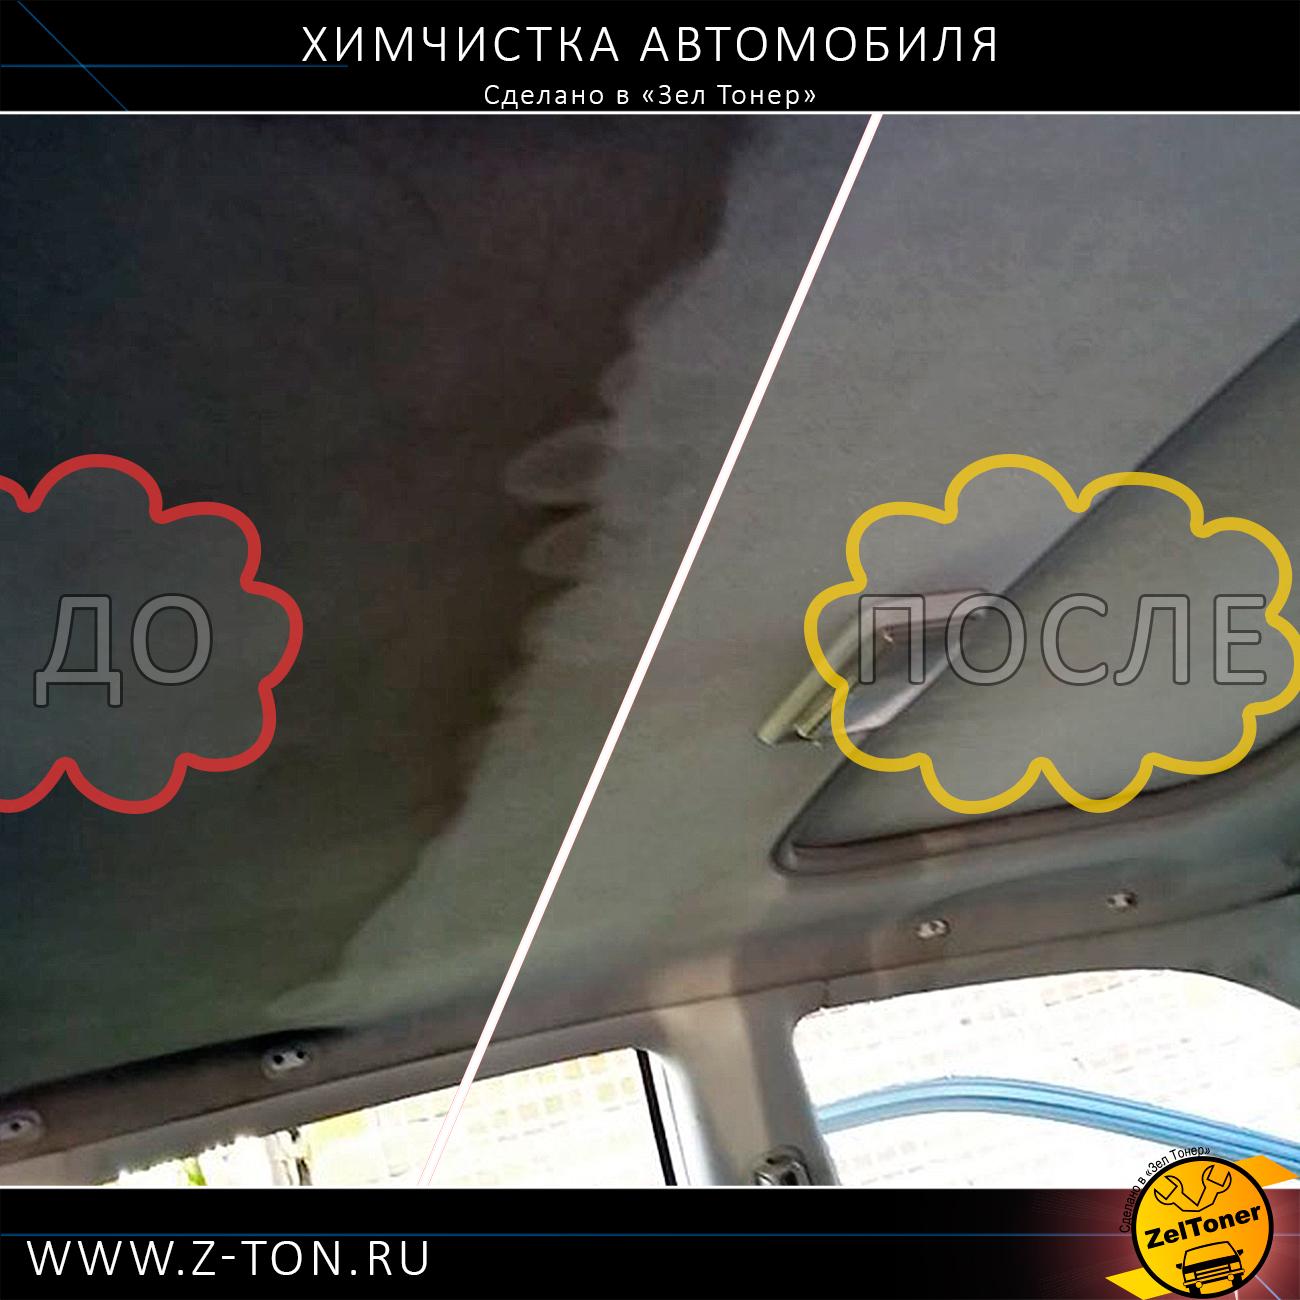 Химчистка автомобиля | Здоровый микроклимат салона